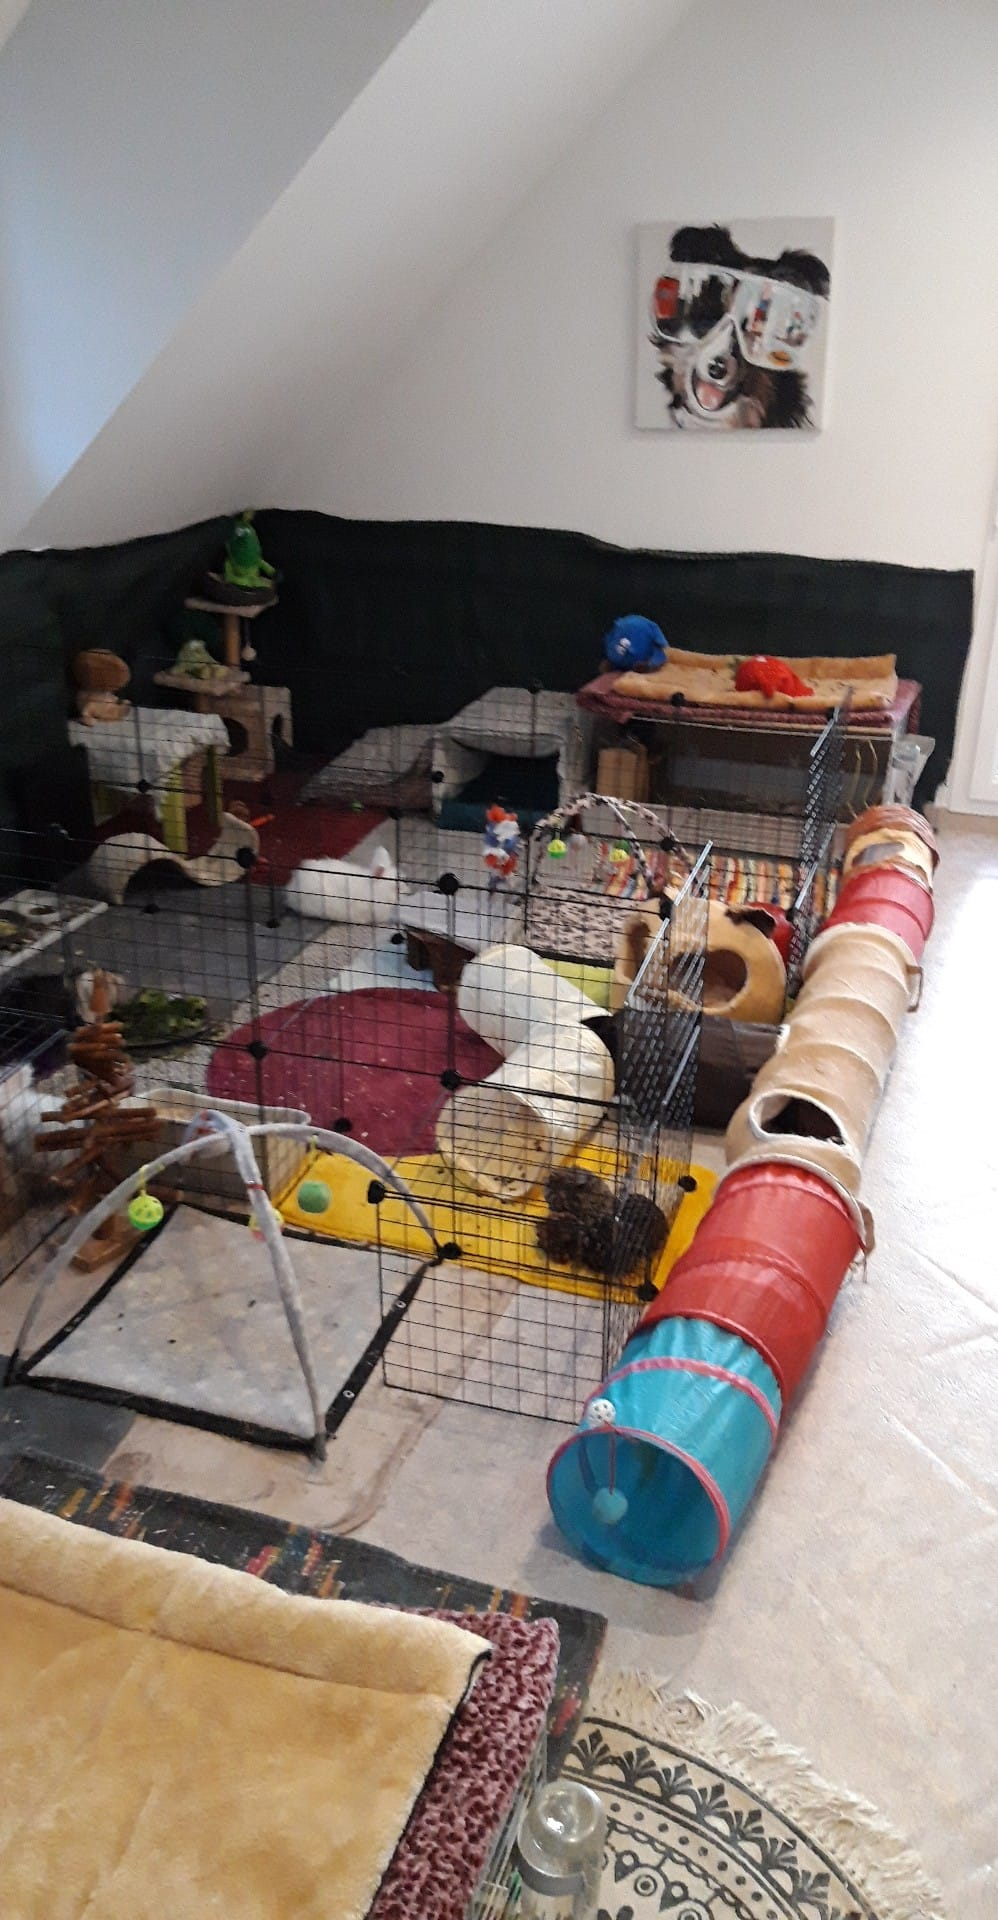 cavy colorée avec pleins de tapis et jouets pour lapin